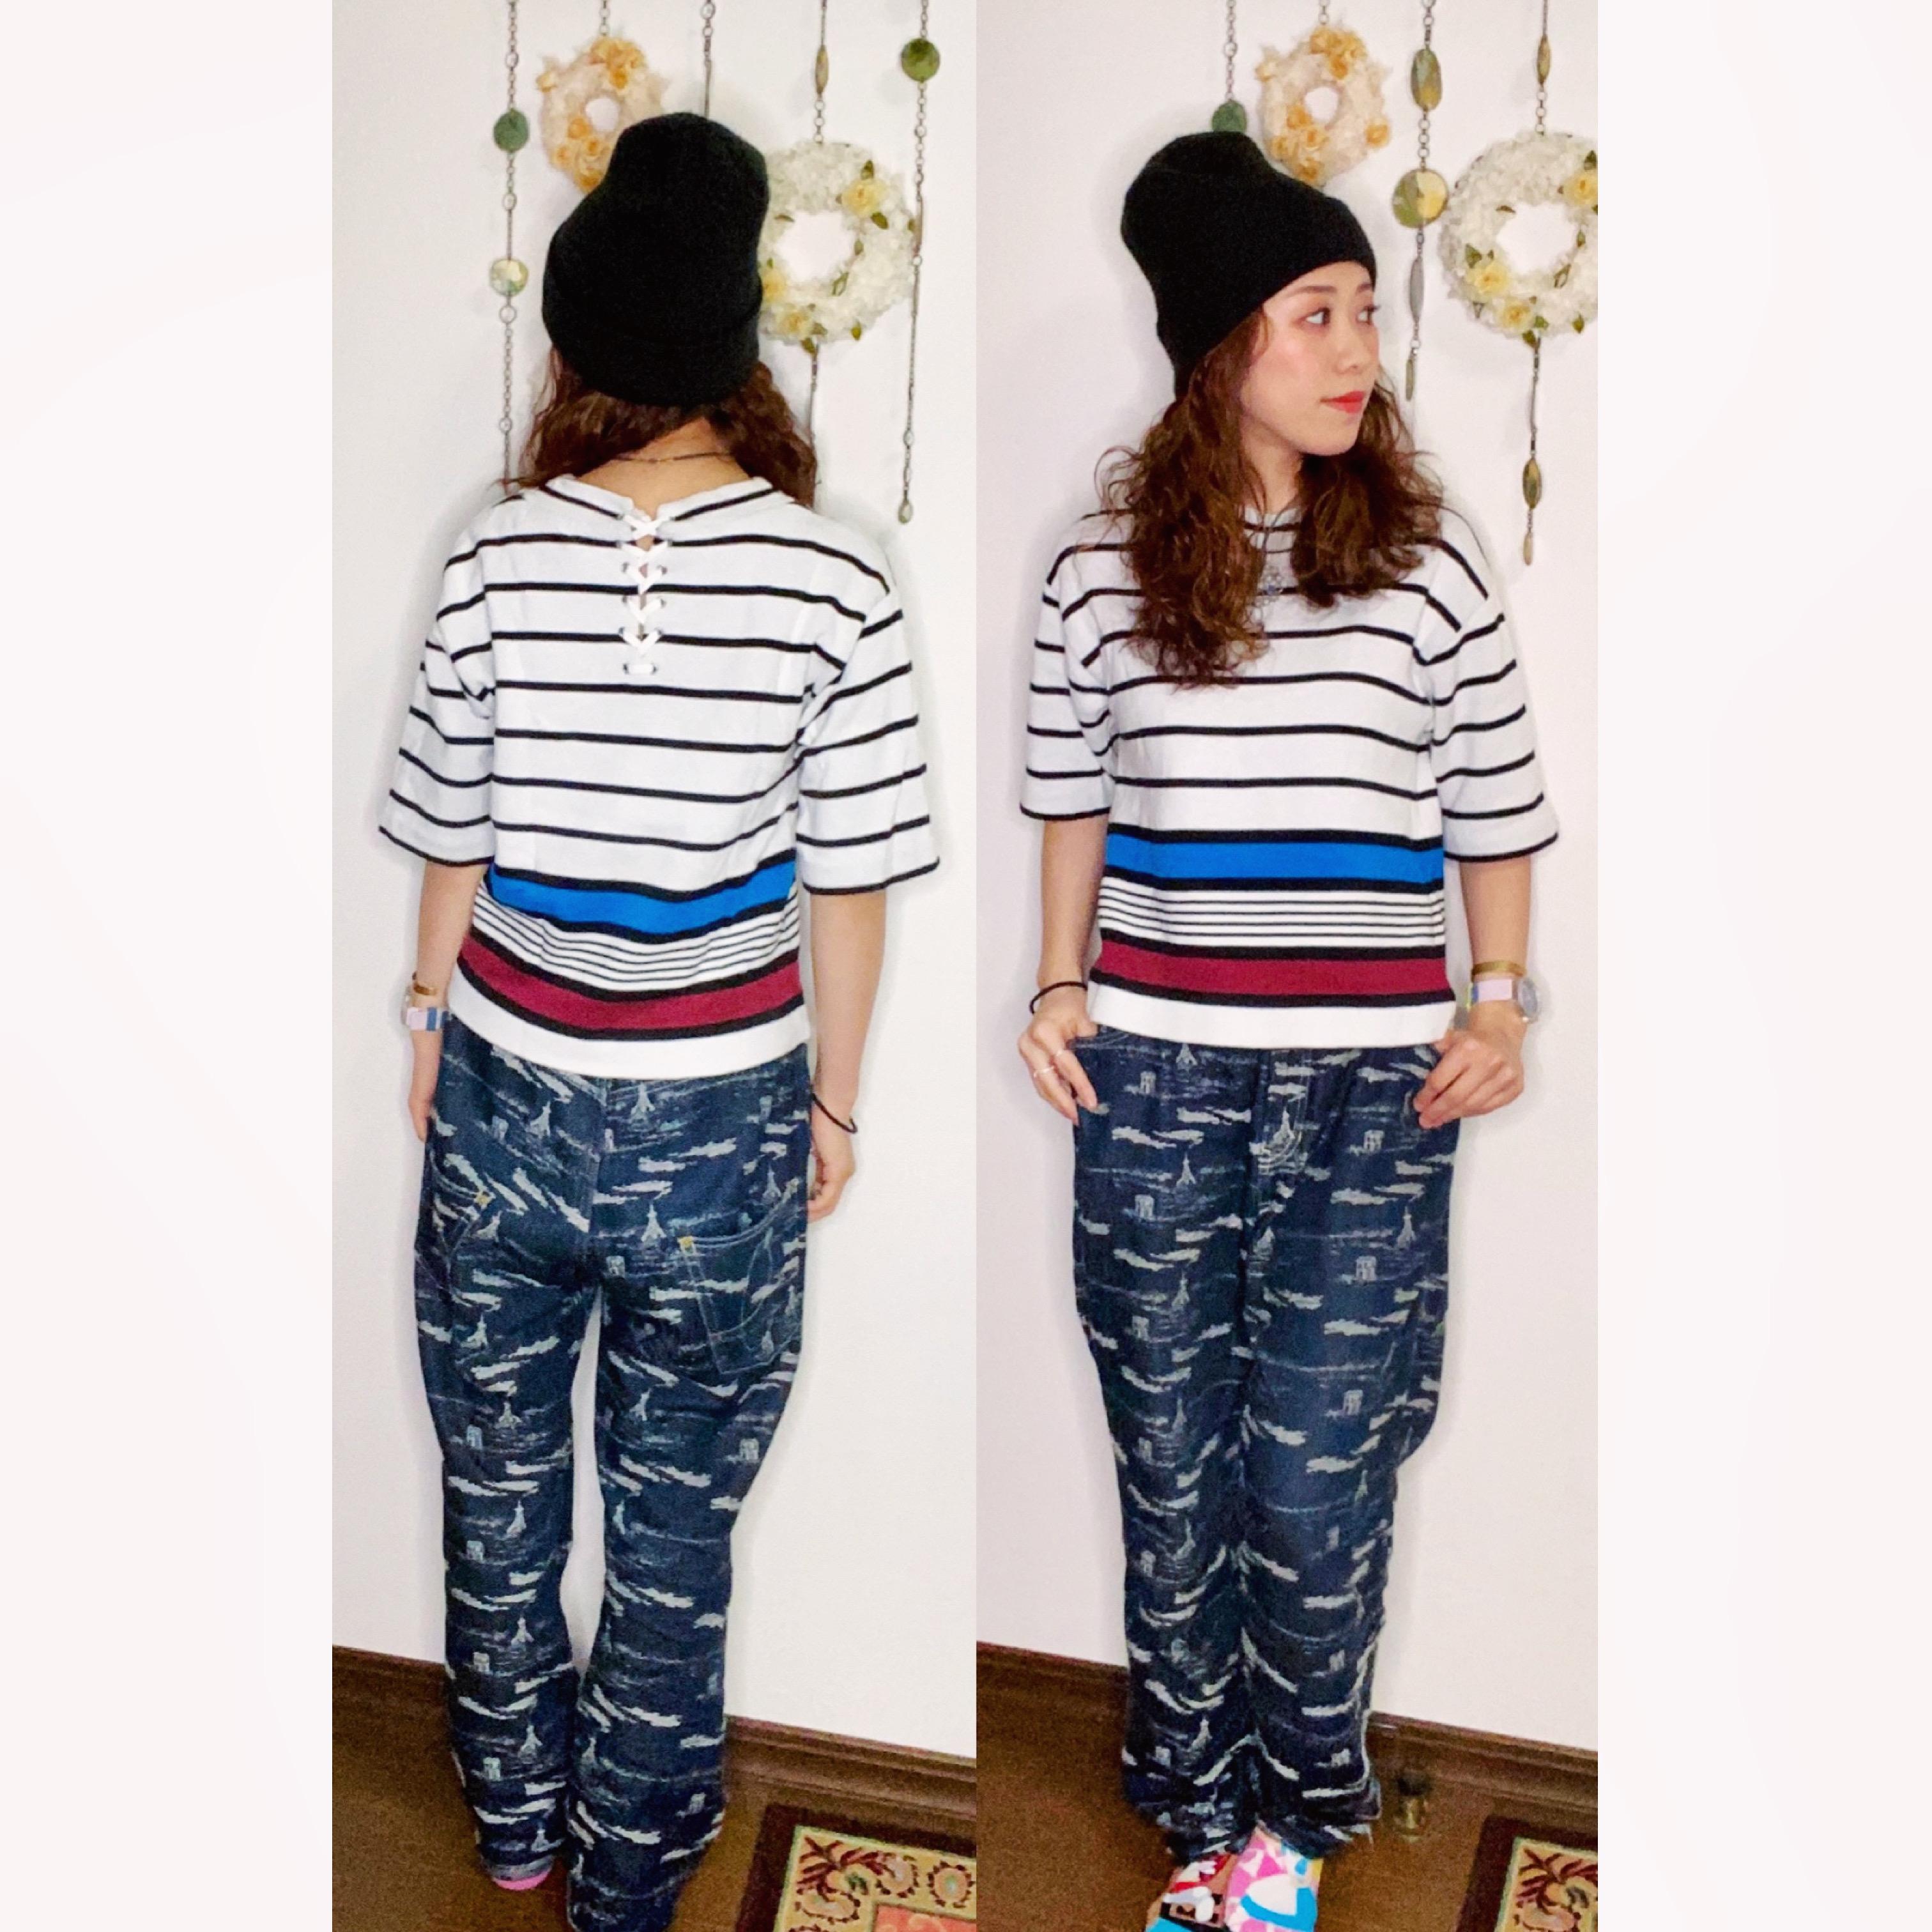 【オンナノコの休日ファッション】2020.9.9【うたうゆきこ】_1